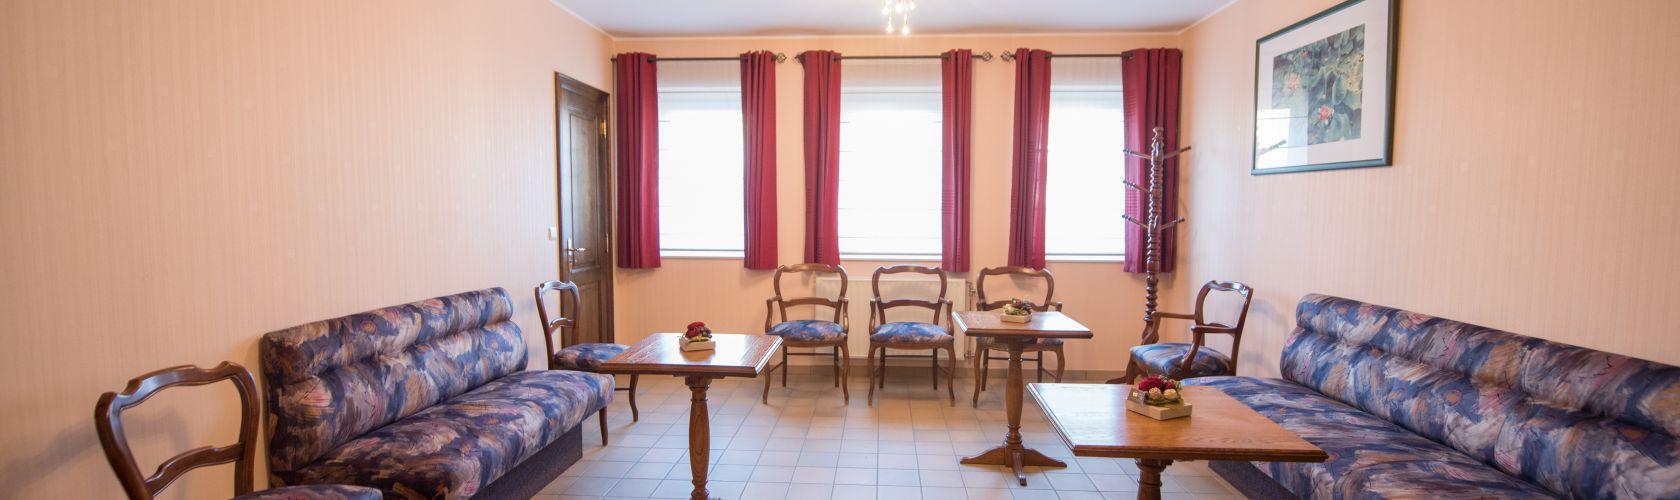 Salon pour famille du funérarium à Aubel